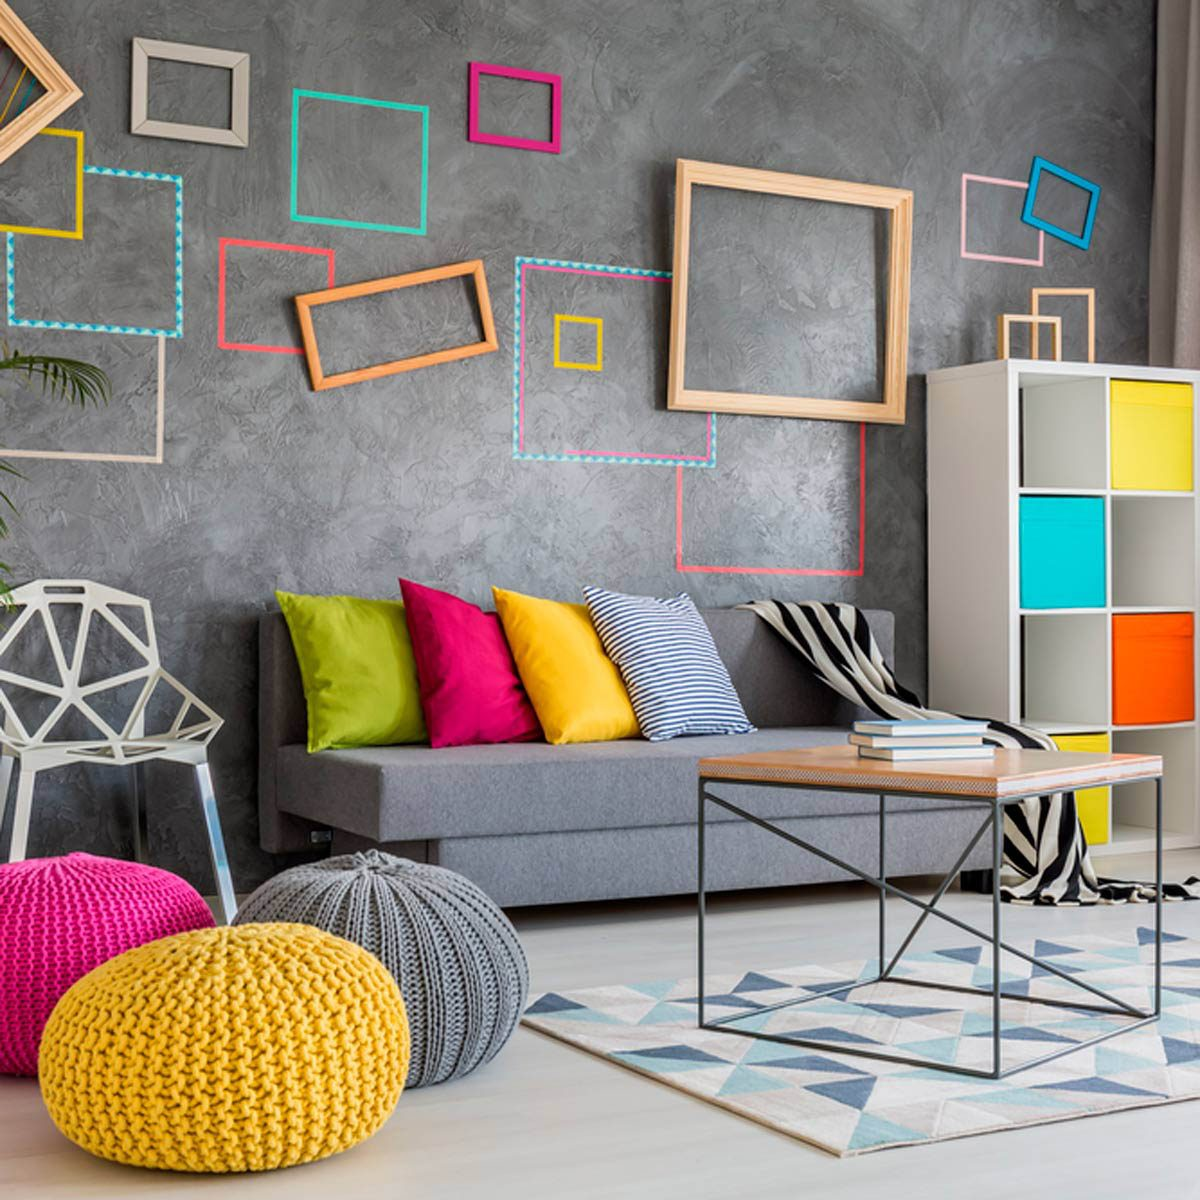 Pour une maison plus lumineuse, ajoutez des accessoires aux couleurs vivantes.